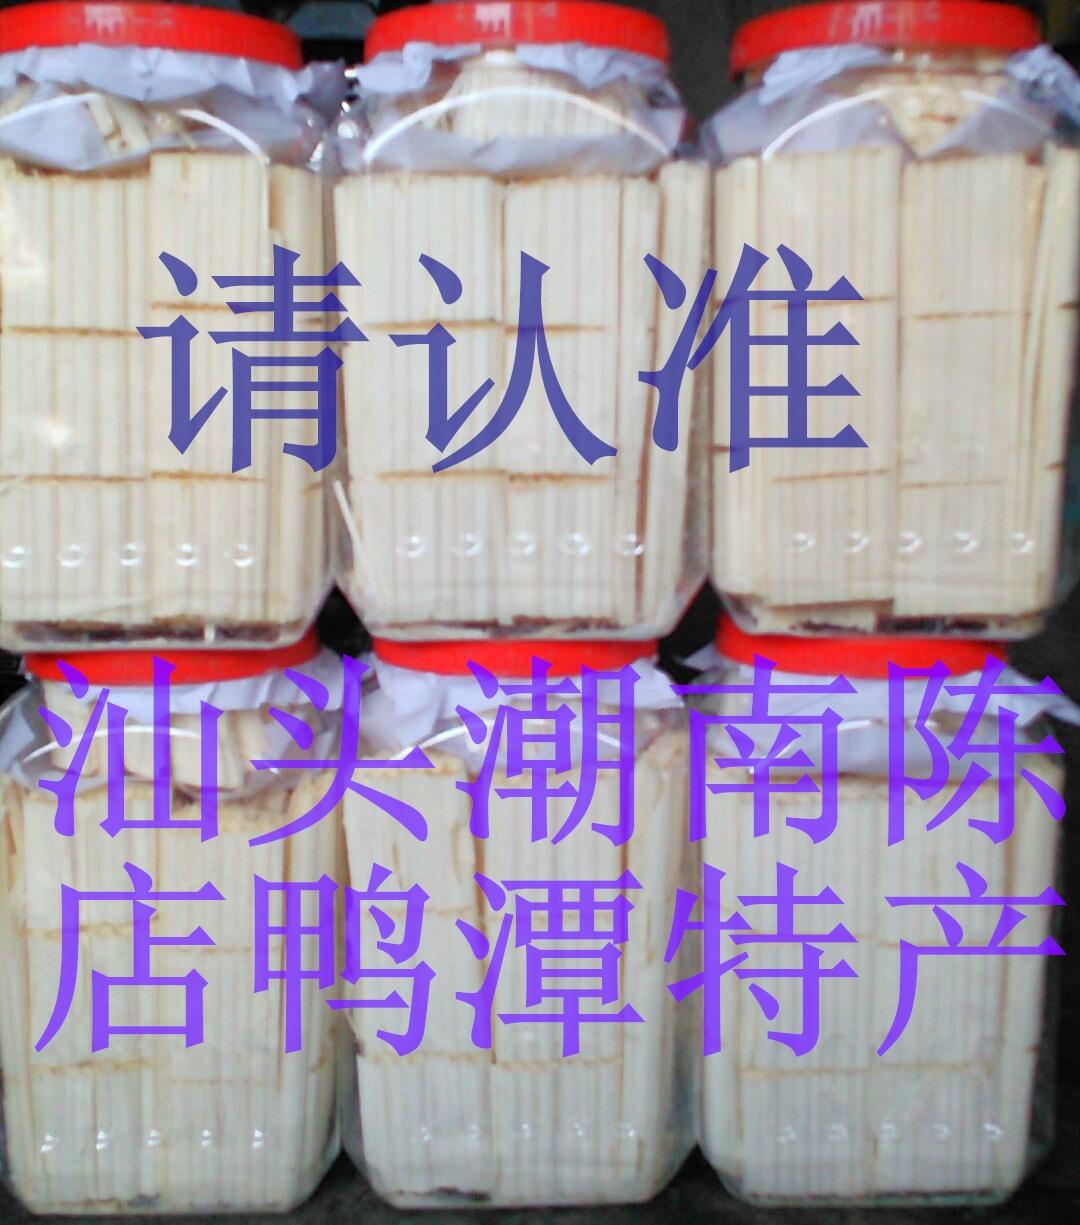 Утка пруд сахар дудчатый галстук-бабочка волна Шаньтоу специальный свойство сахар дудчатый галстук-бабочка тонкий пирог . что еда удобство нулю еда .800g деревня из . язык наконечник на китай